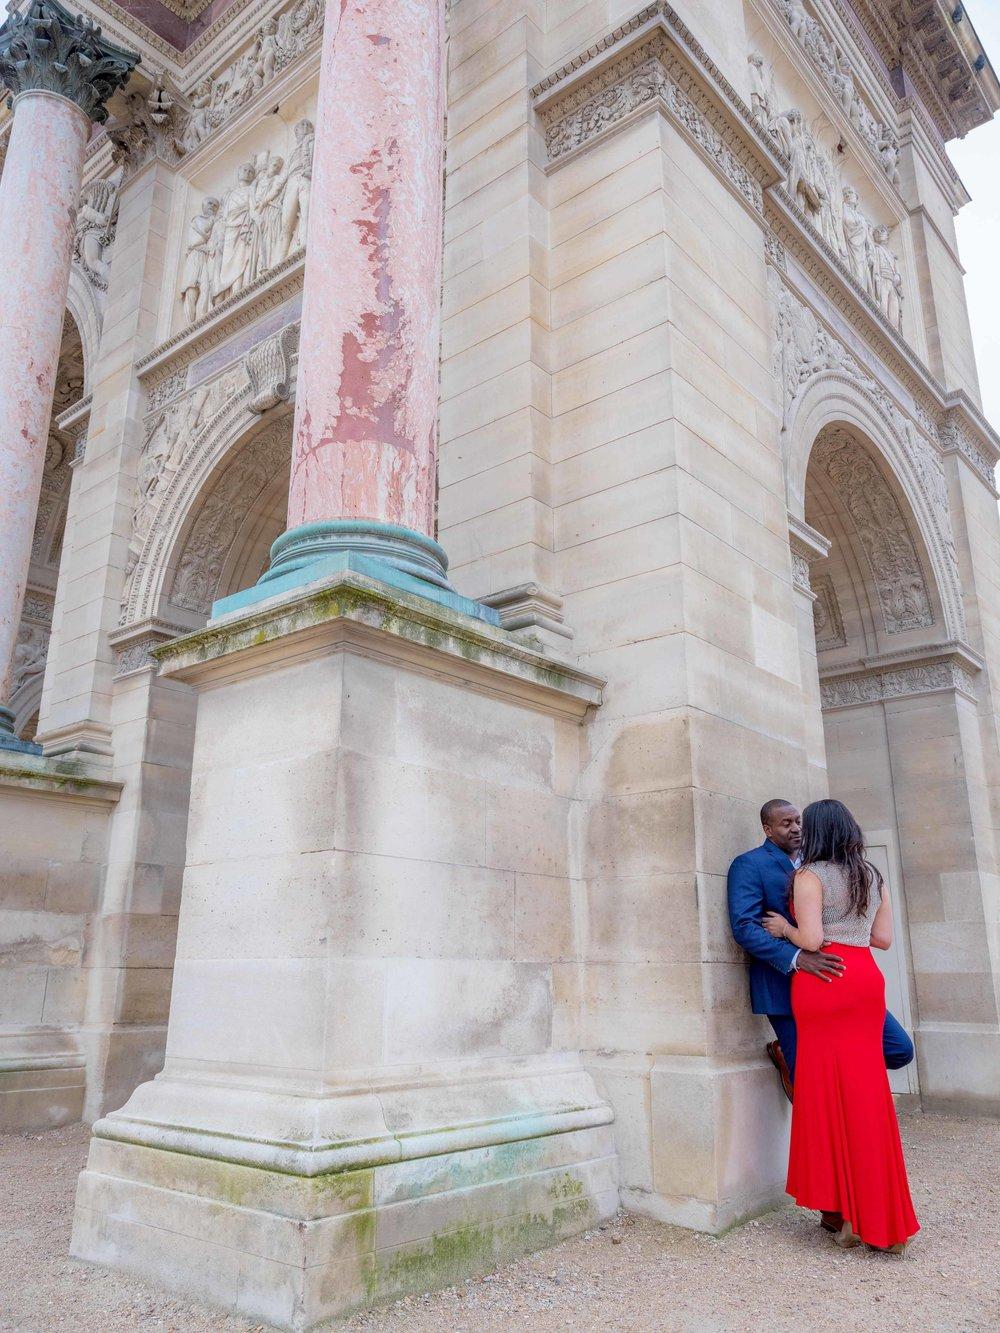 romantic couples photography paris france